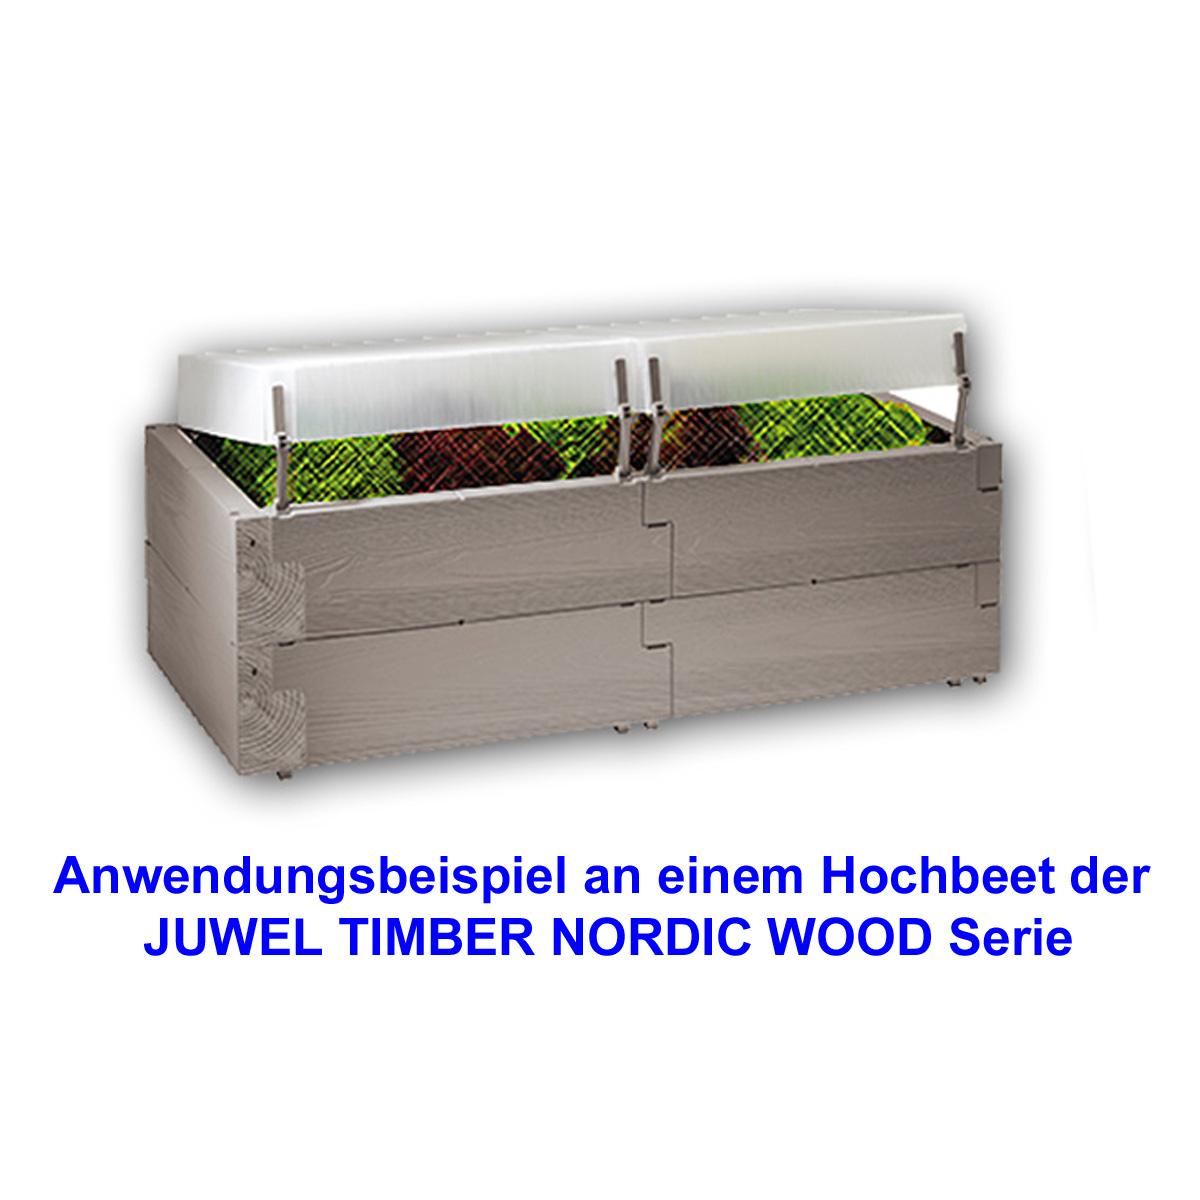 Juwel Hochbeete TIMBER NORDIC WOOD Zubehör Auswahl